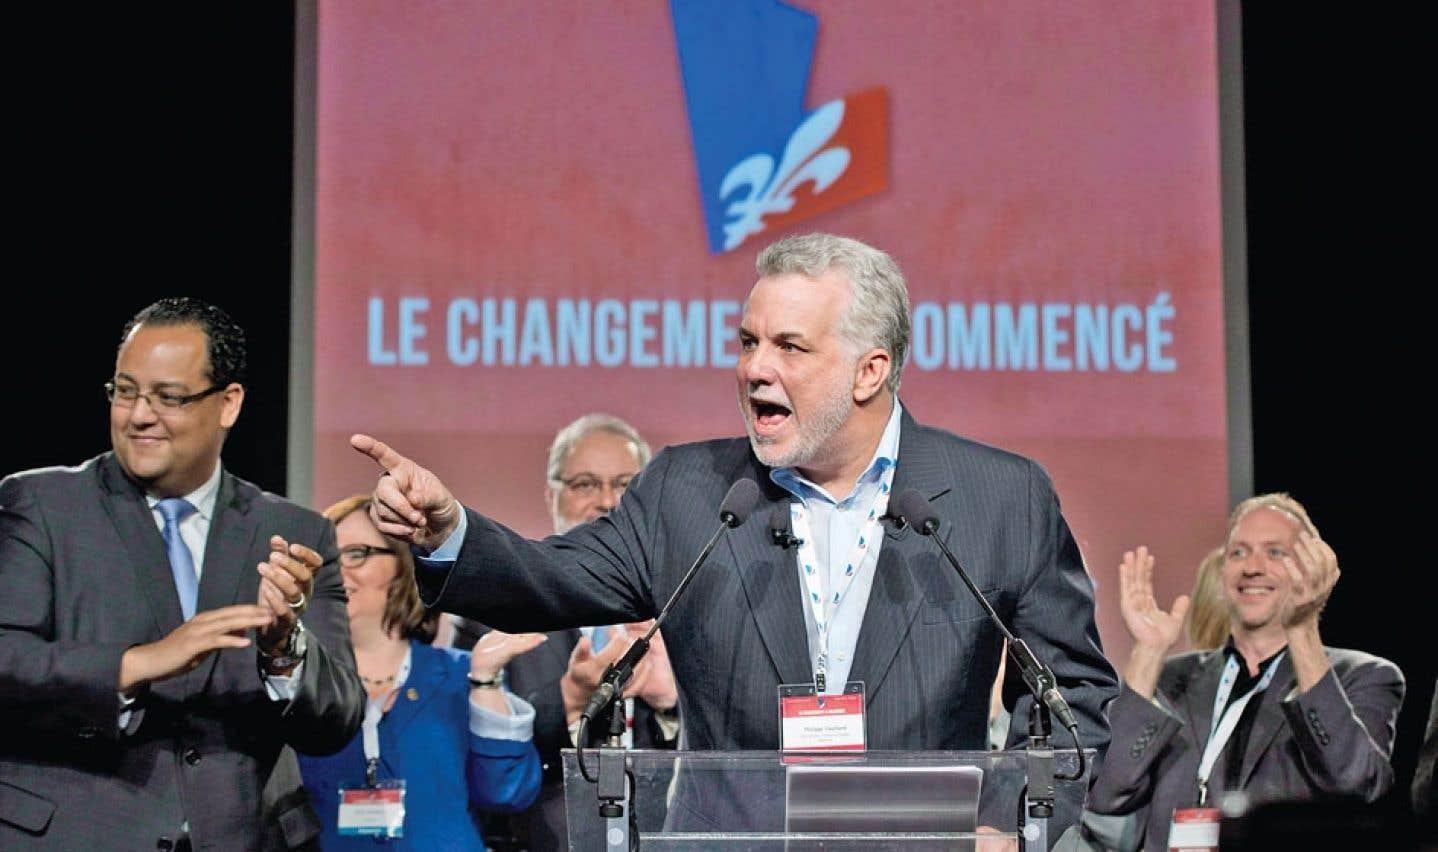 Conseil général du PLQ - Couillard fait l'éloge du progressisme libéral